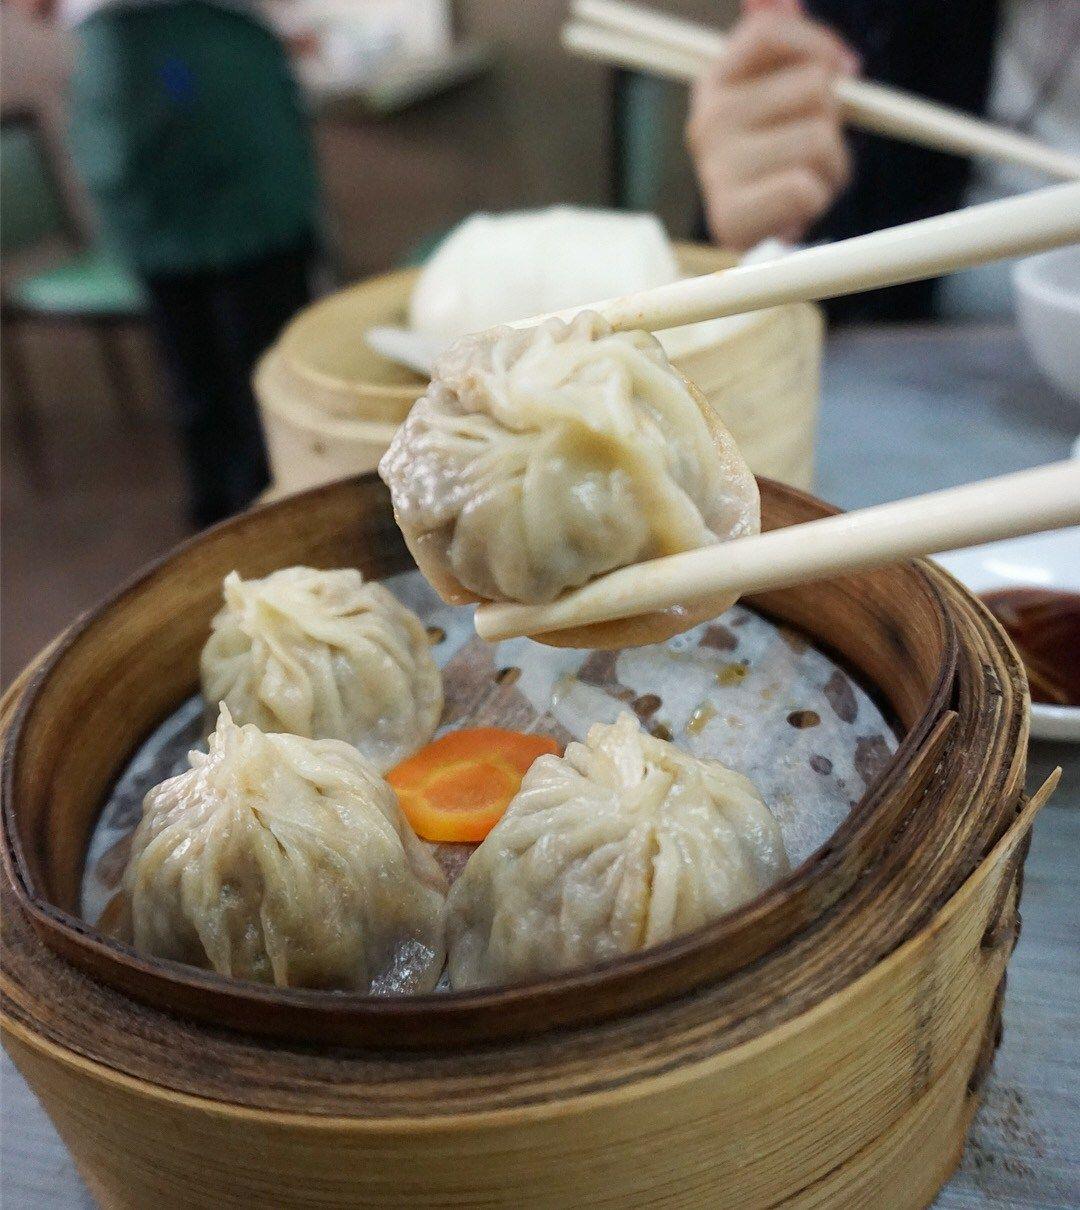 Hong Kong Halal Food Islam Food Kowloon City Et Food Voyage